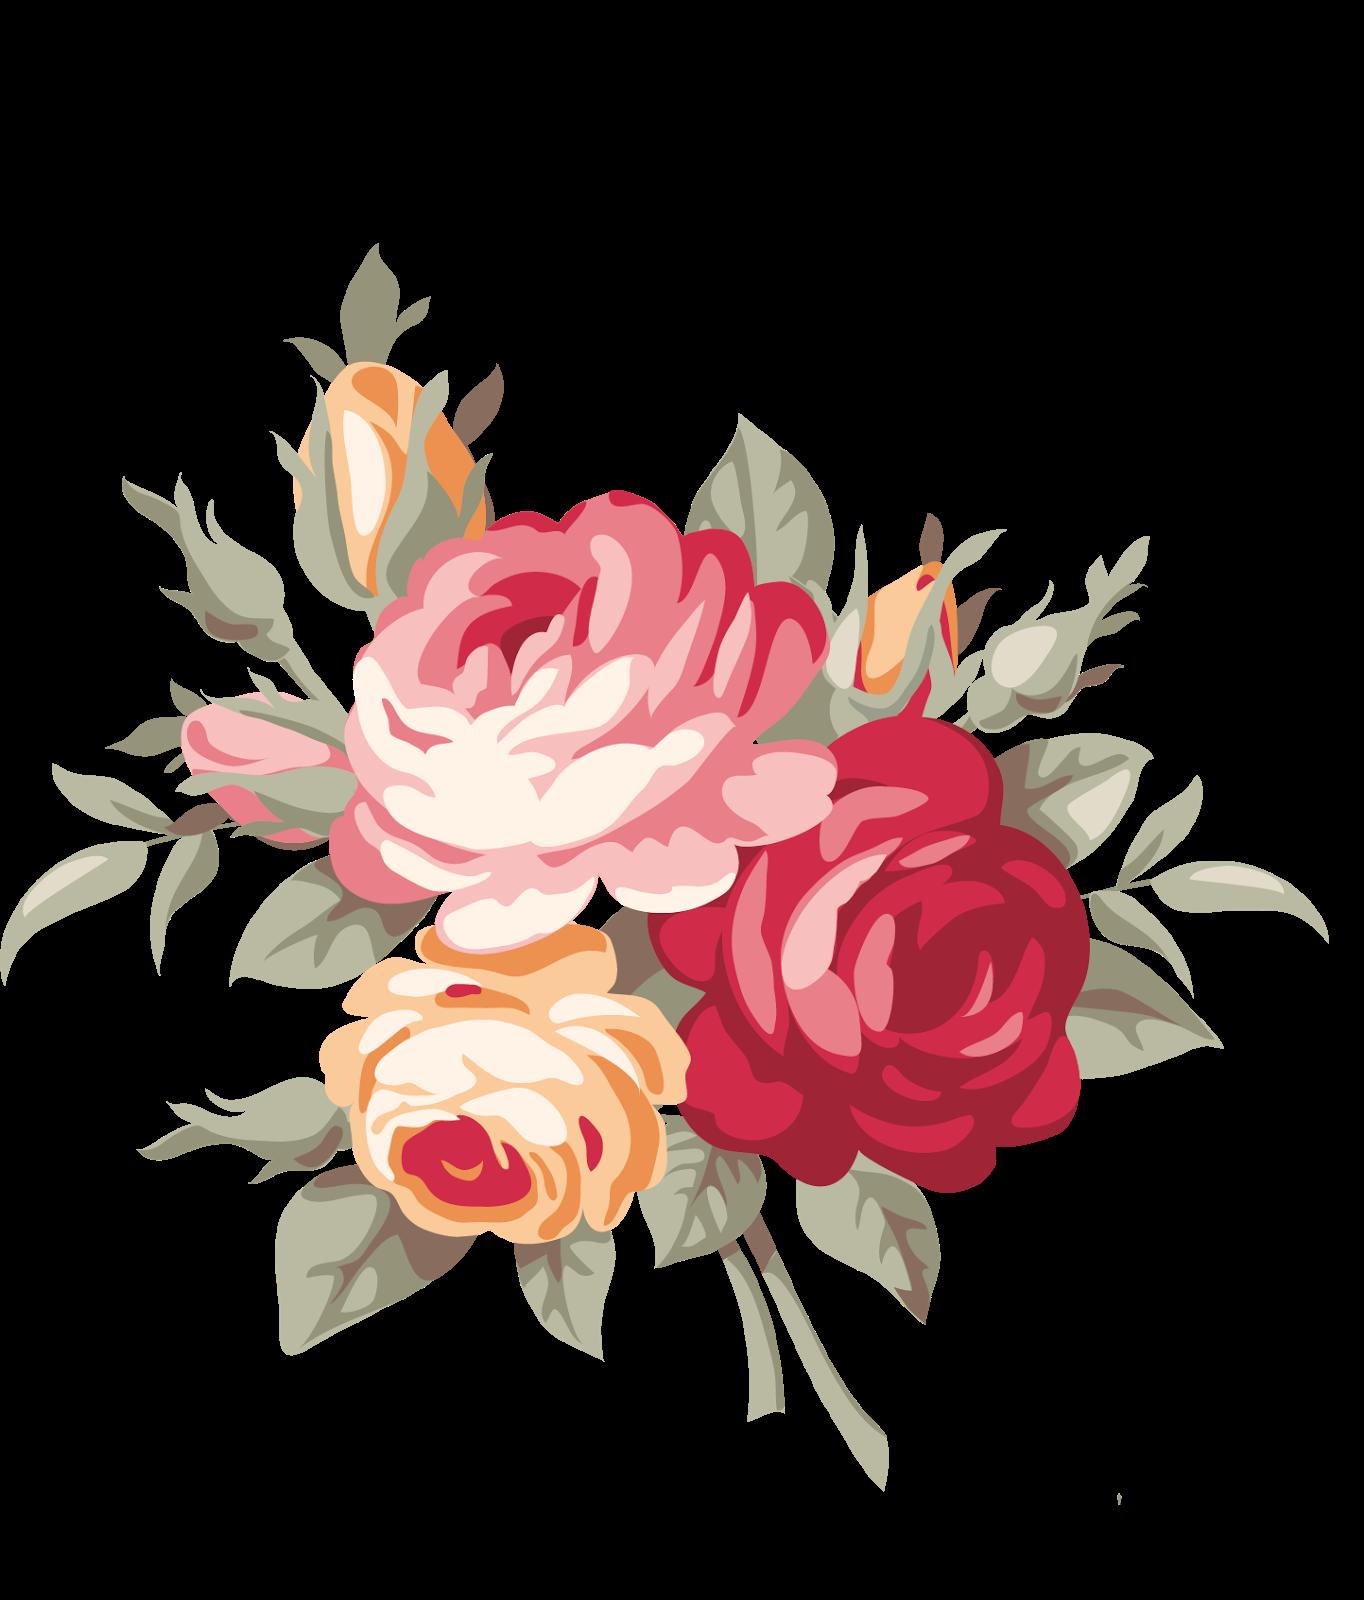 Vector Flores Convites Convites Casamento Casamento Png E: Pin De Decoupage Homedecor Em Clipart